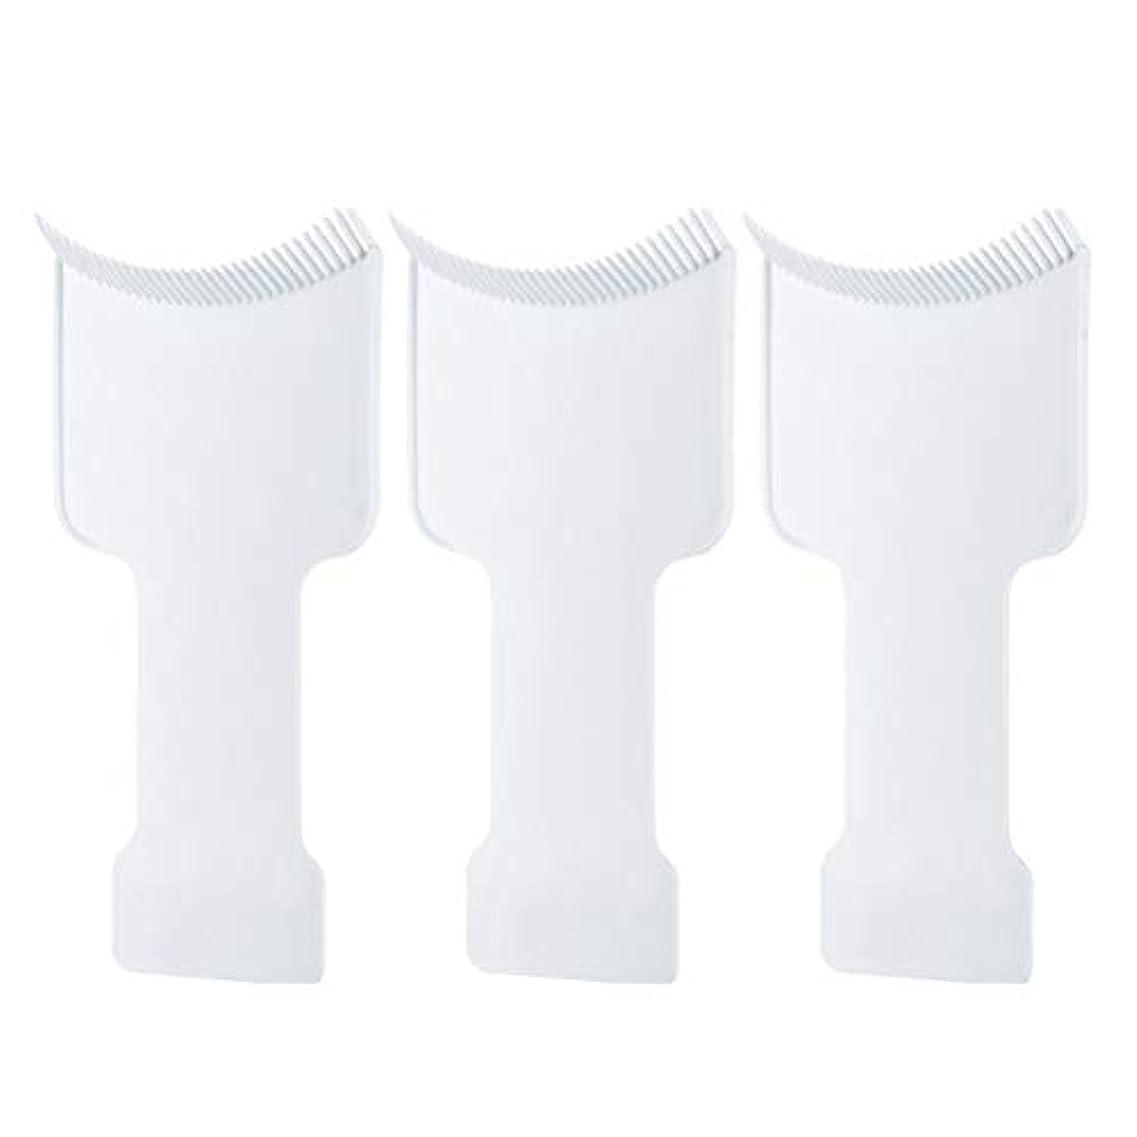 邪魔規則性窓を洗うFrcolor ヘアダイブラシ ヘアダイコーム ヘアカラー 毛染め ヘアスタイリング 家庭用 美容師プロ用 プラスチック製 3点セット(ホワイト)